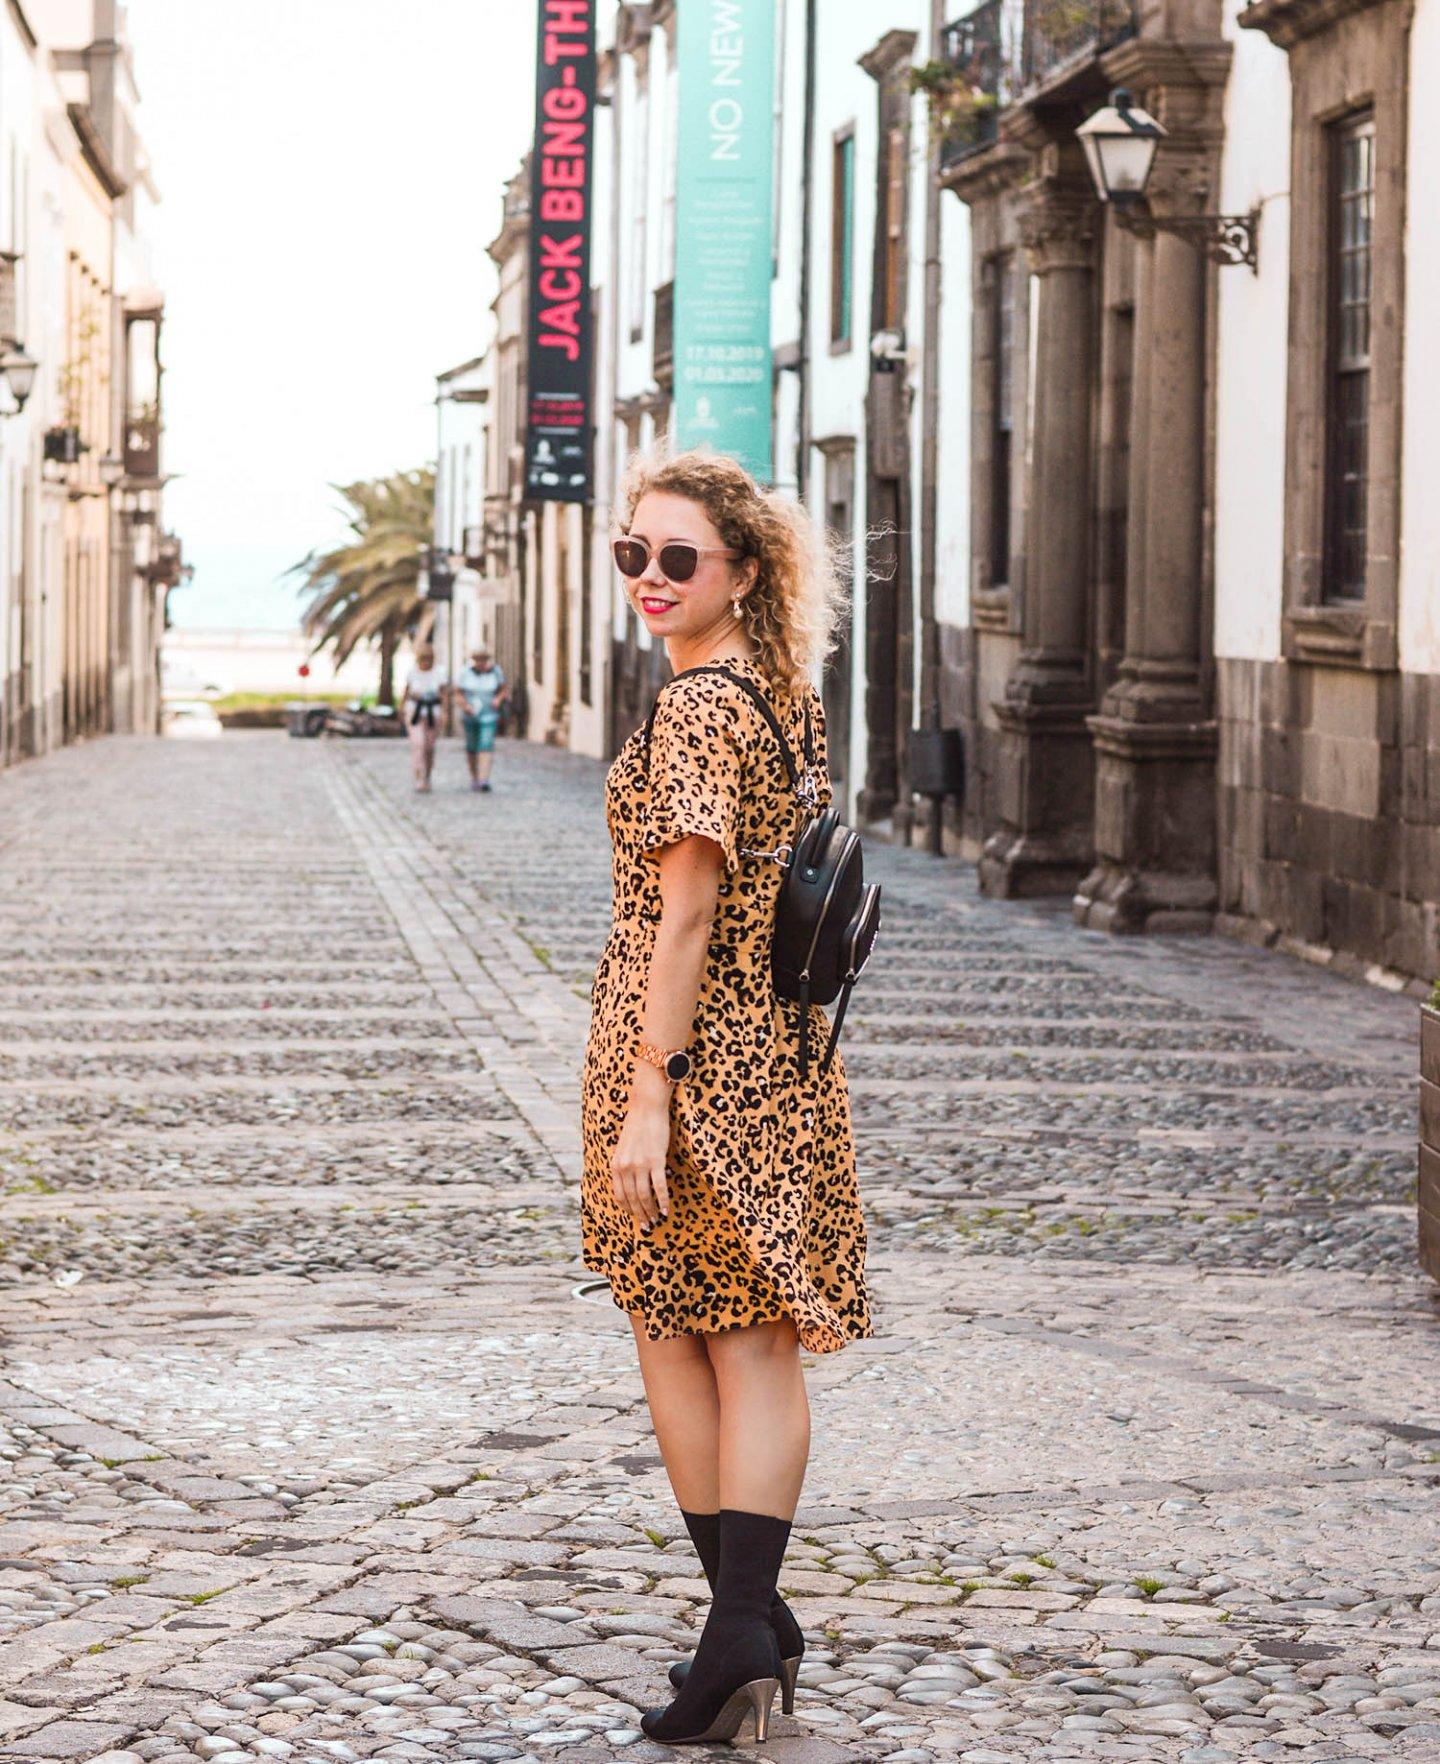 Streetstyle in Las Palmas, Gran Canaria